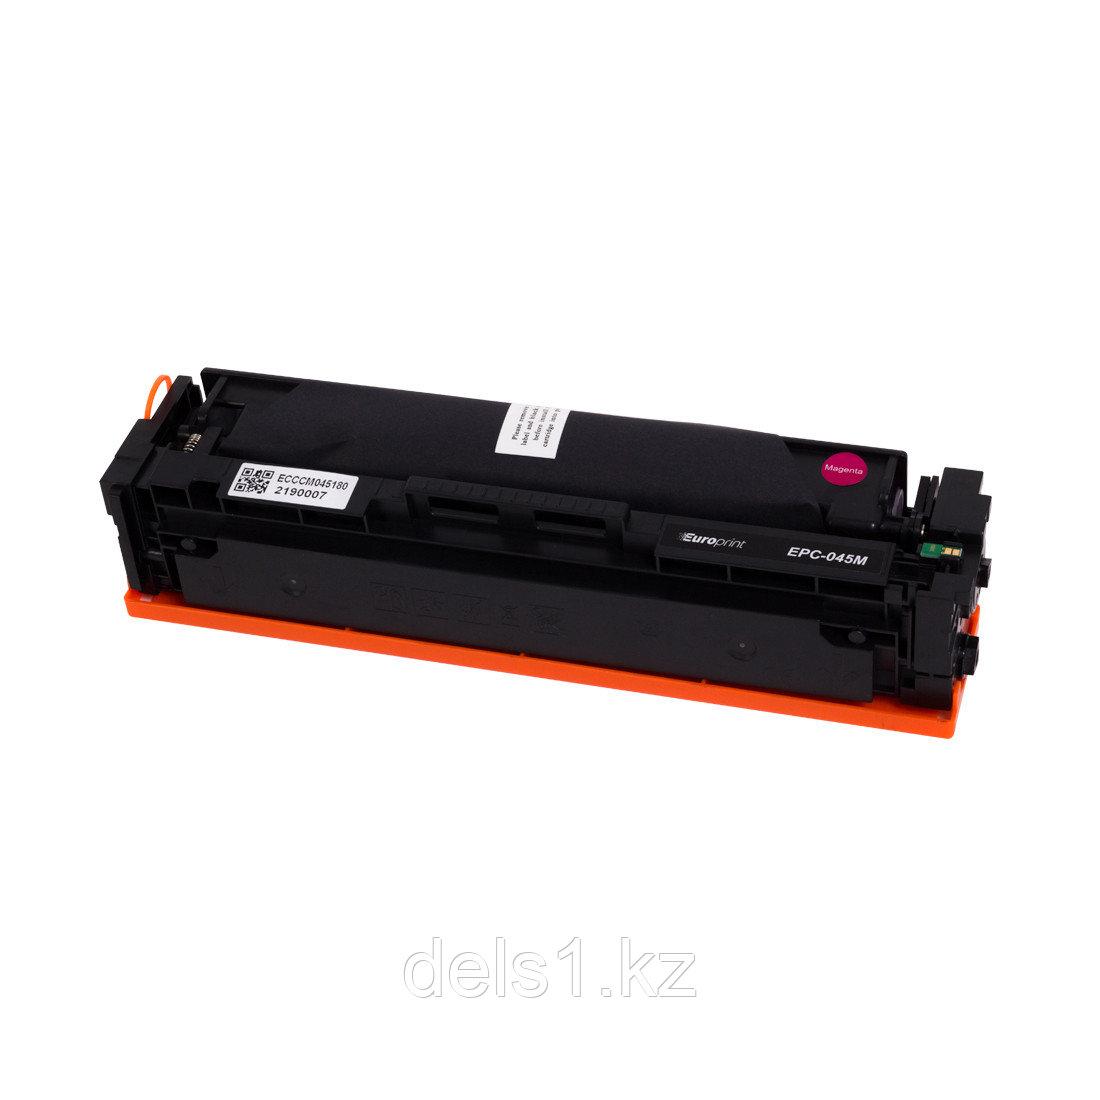 Картридж Europrint EPC-045M, Пурпурный, Для принтеров Canon Color imageCLASS MF634/MF632/LBP612